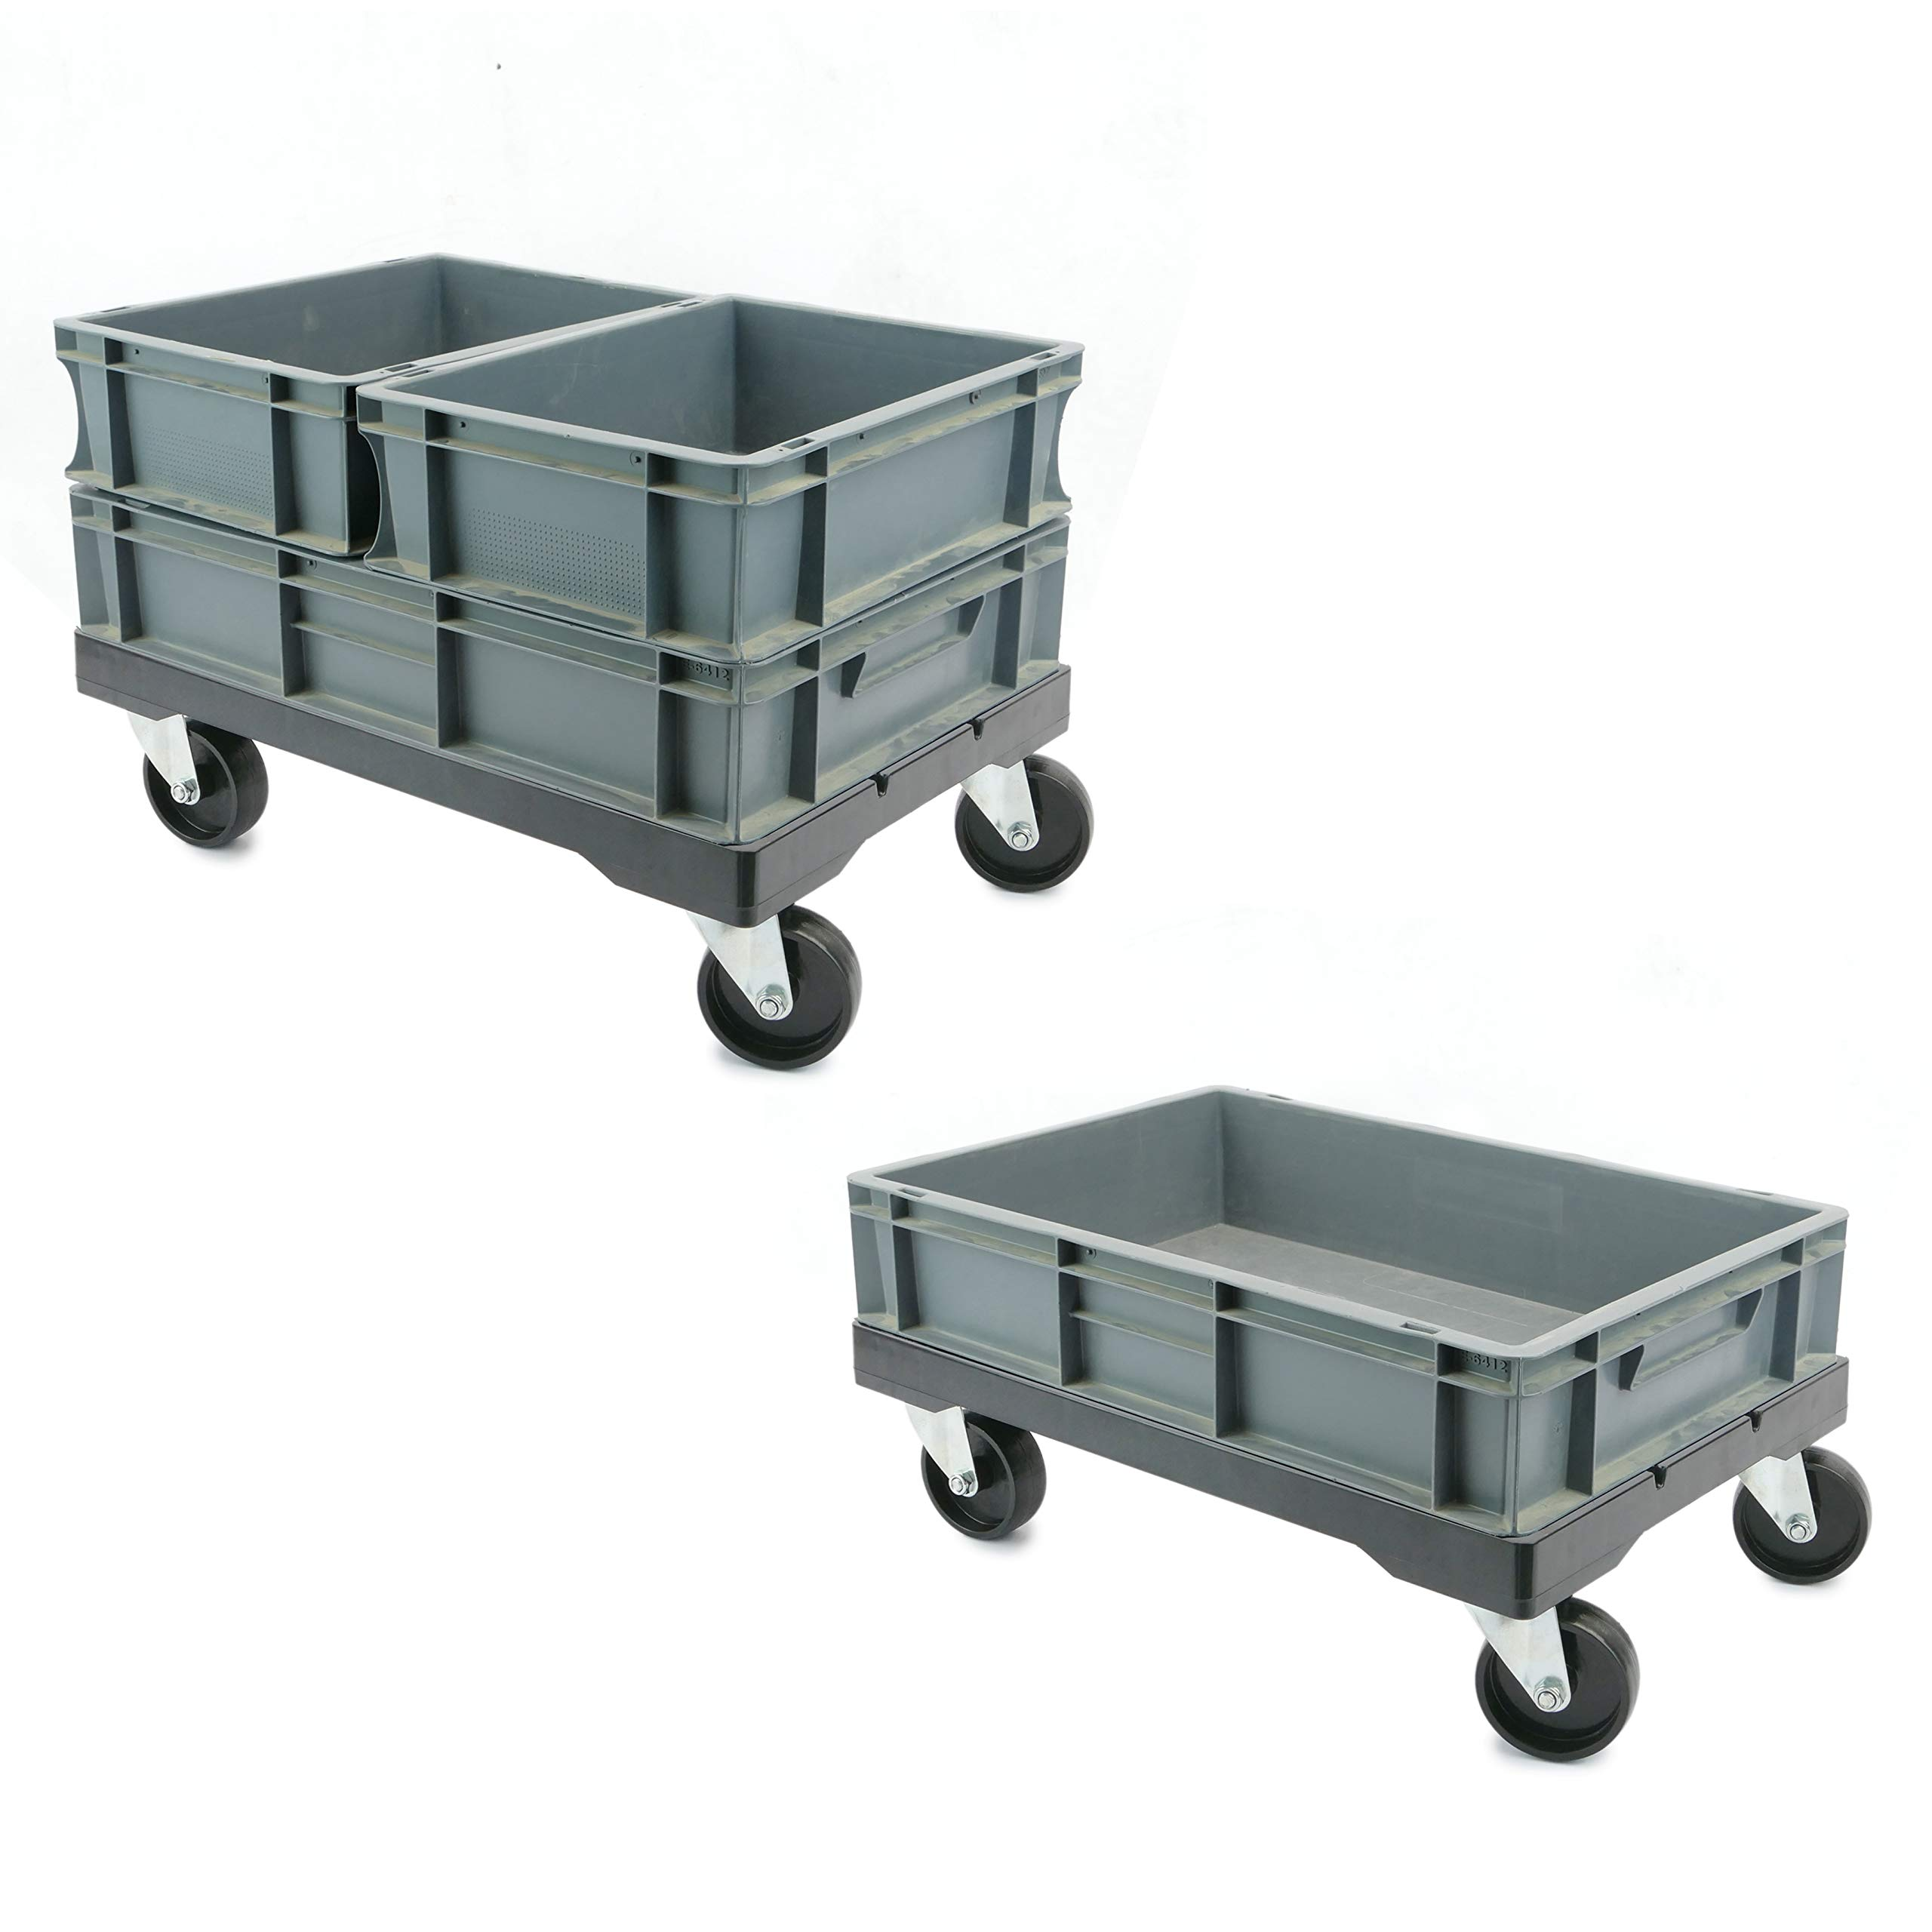 PrimeMatik - Platform with Wheels for Carrying Eurobox Boxes 60 x 40 cm (KA081) by PrimeMatik (Image #10)